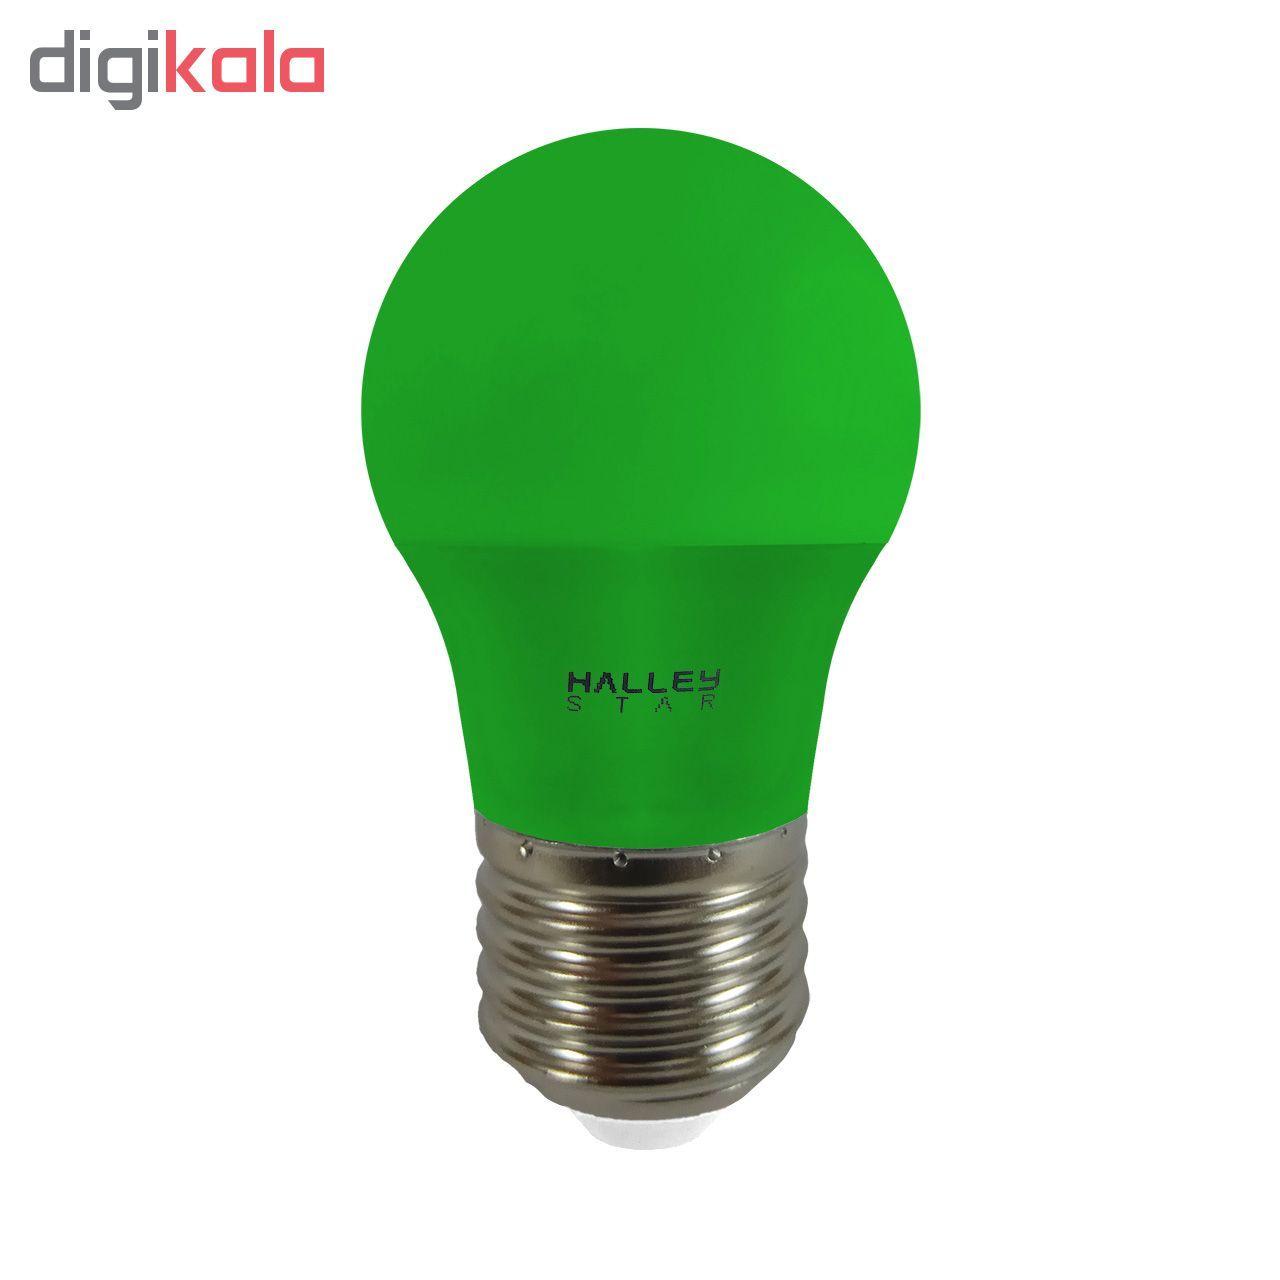 لامپ ال ای دی 3 وات هالی استار کد B45 رنگی پایه E27  main 1 3